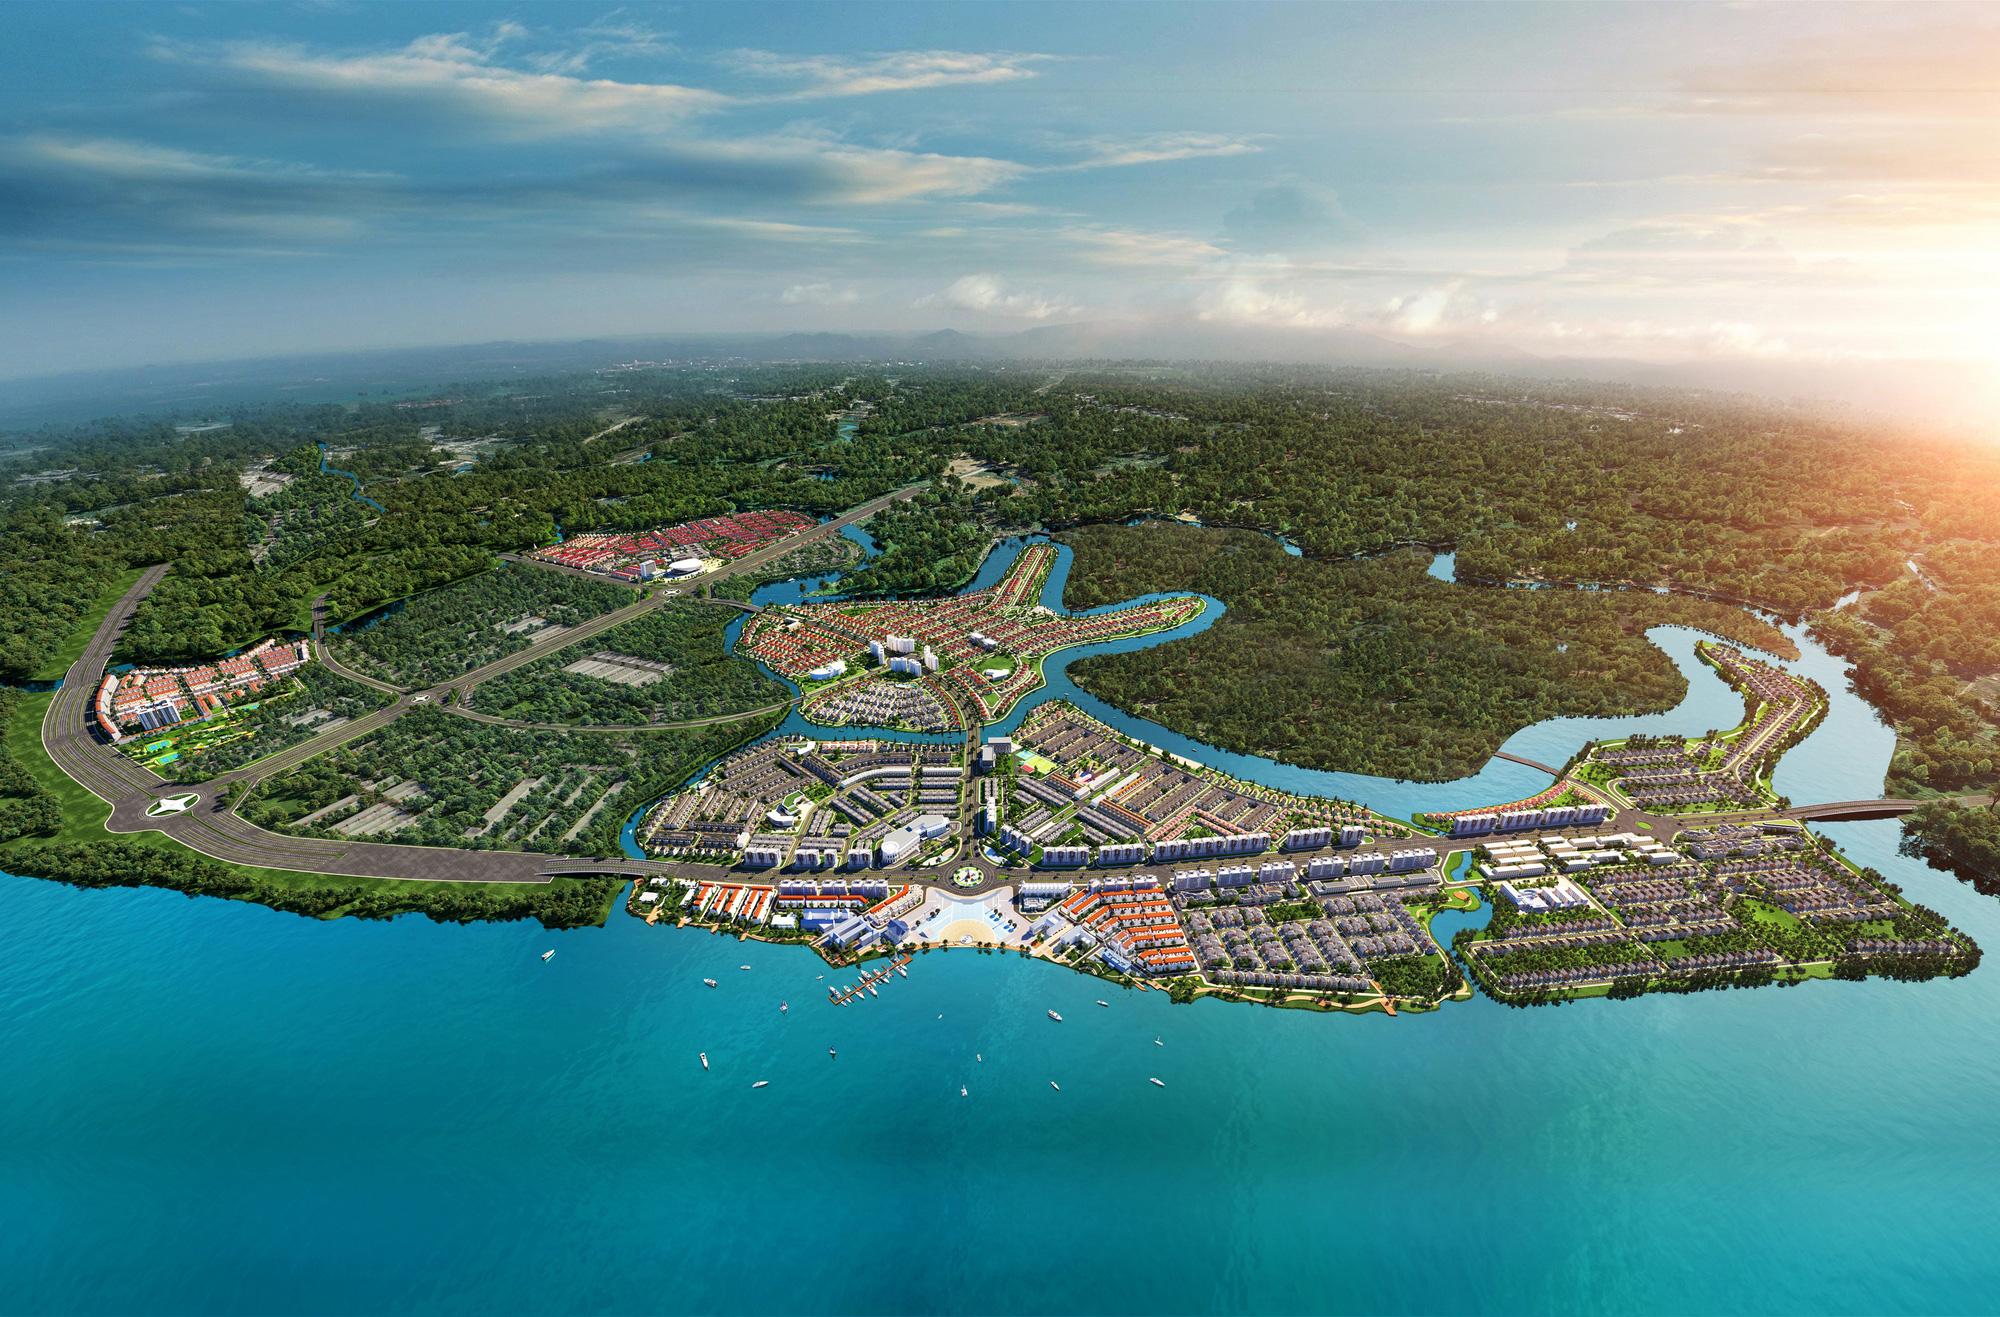 Không gian sống xanh song hành tiện ích: Sức hấp dẫn khó cưỡng từ Aqua City - Ảnh 2.